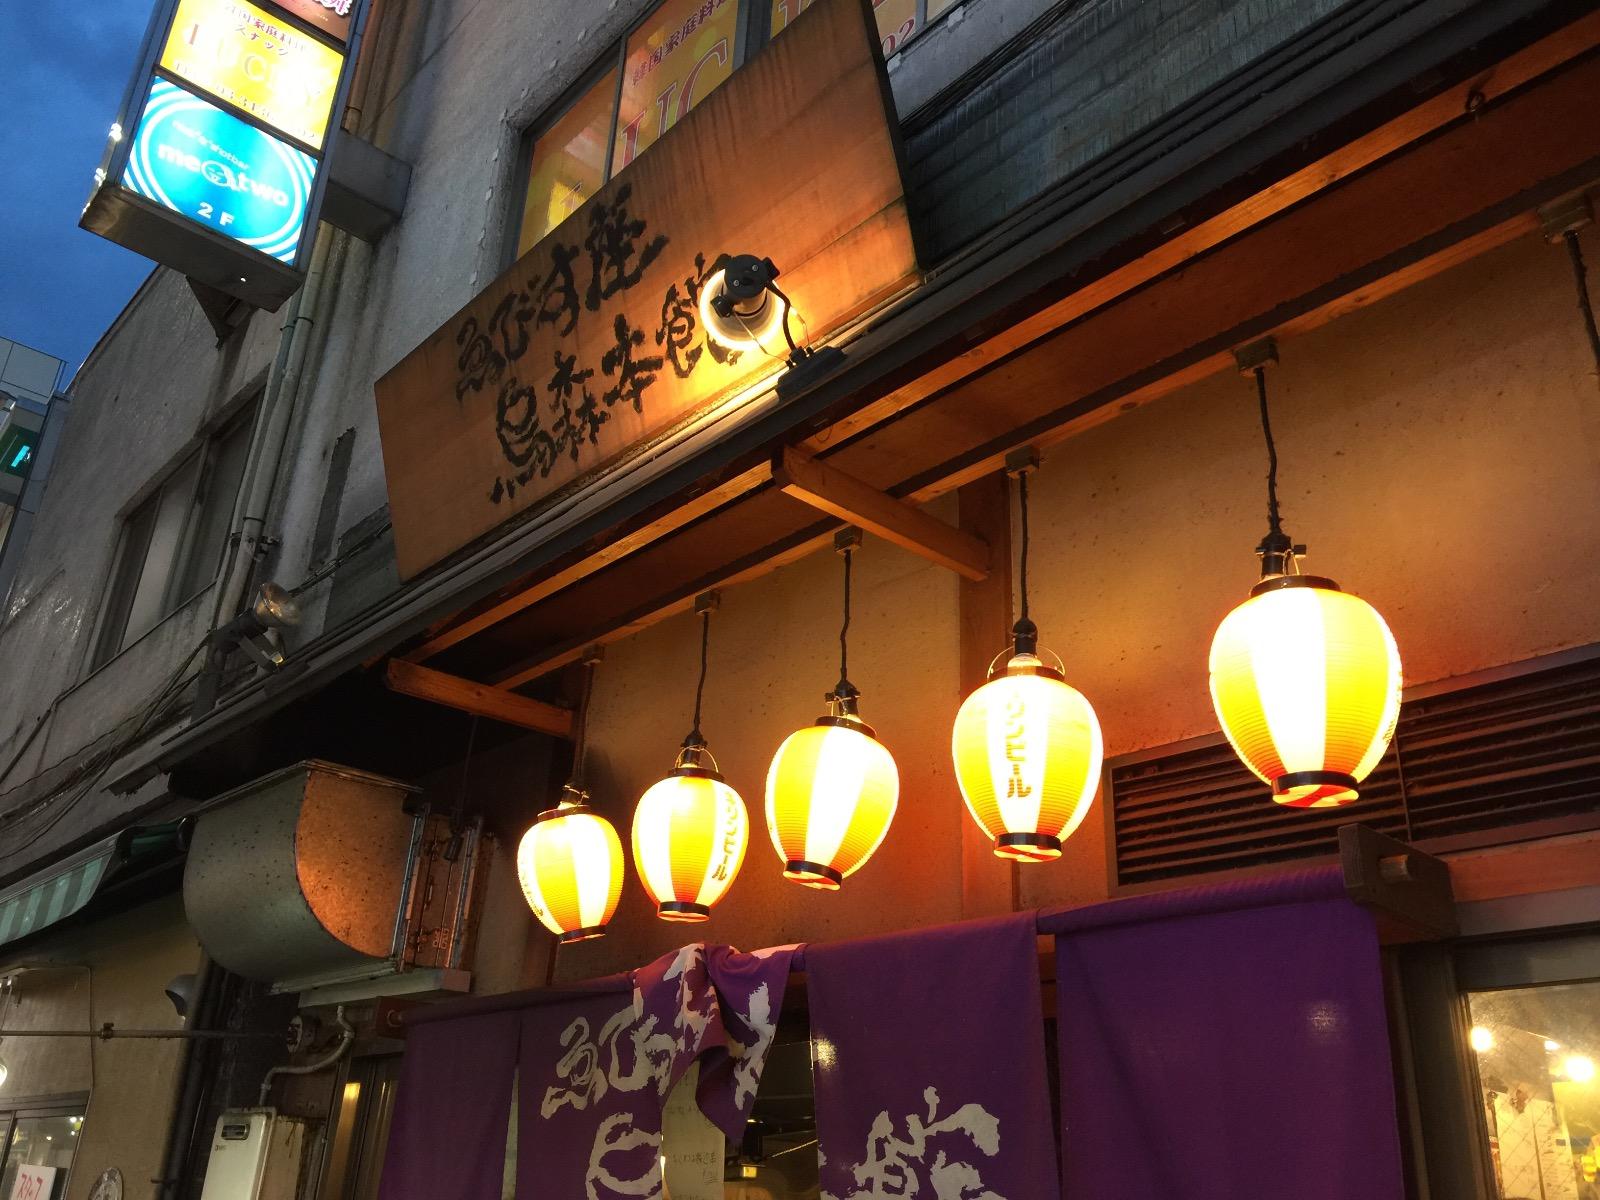 「ゑびす座 烏森本館(新橋)」ハッピーアワーはチューハイが200円て!白レバー串につくねが美味くてハッピータイム